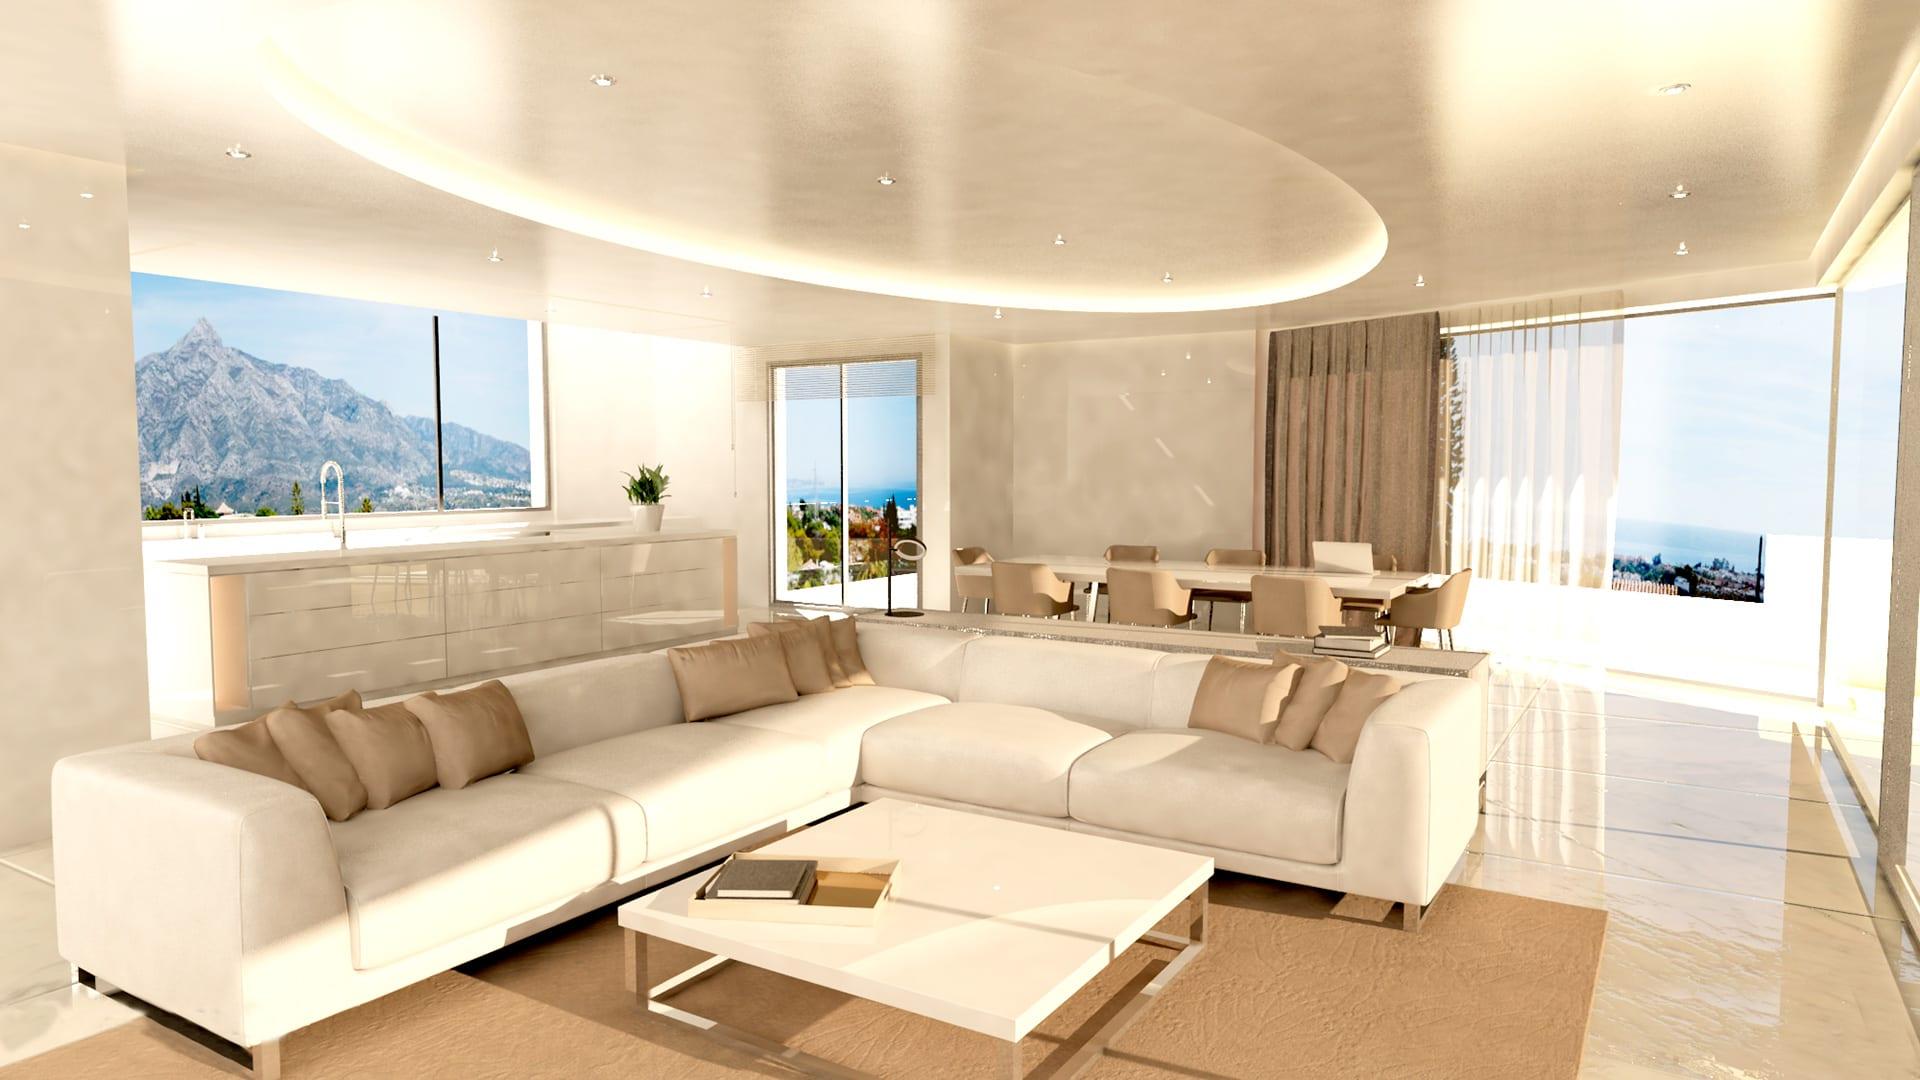 Villa moderne nueva andalucia avec vue sur la mer marbella for Ville super moderne